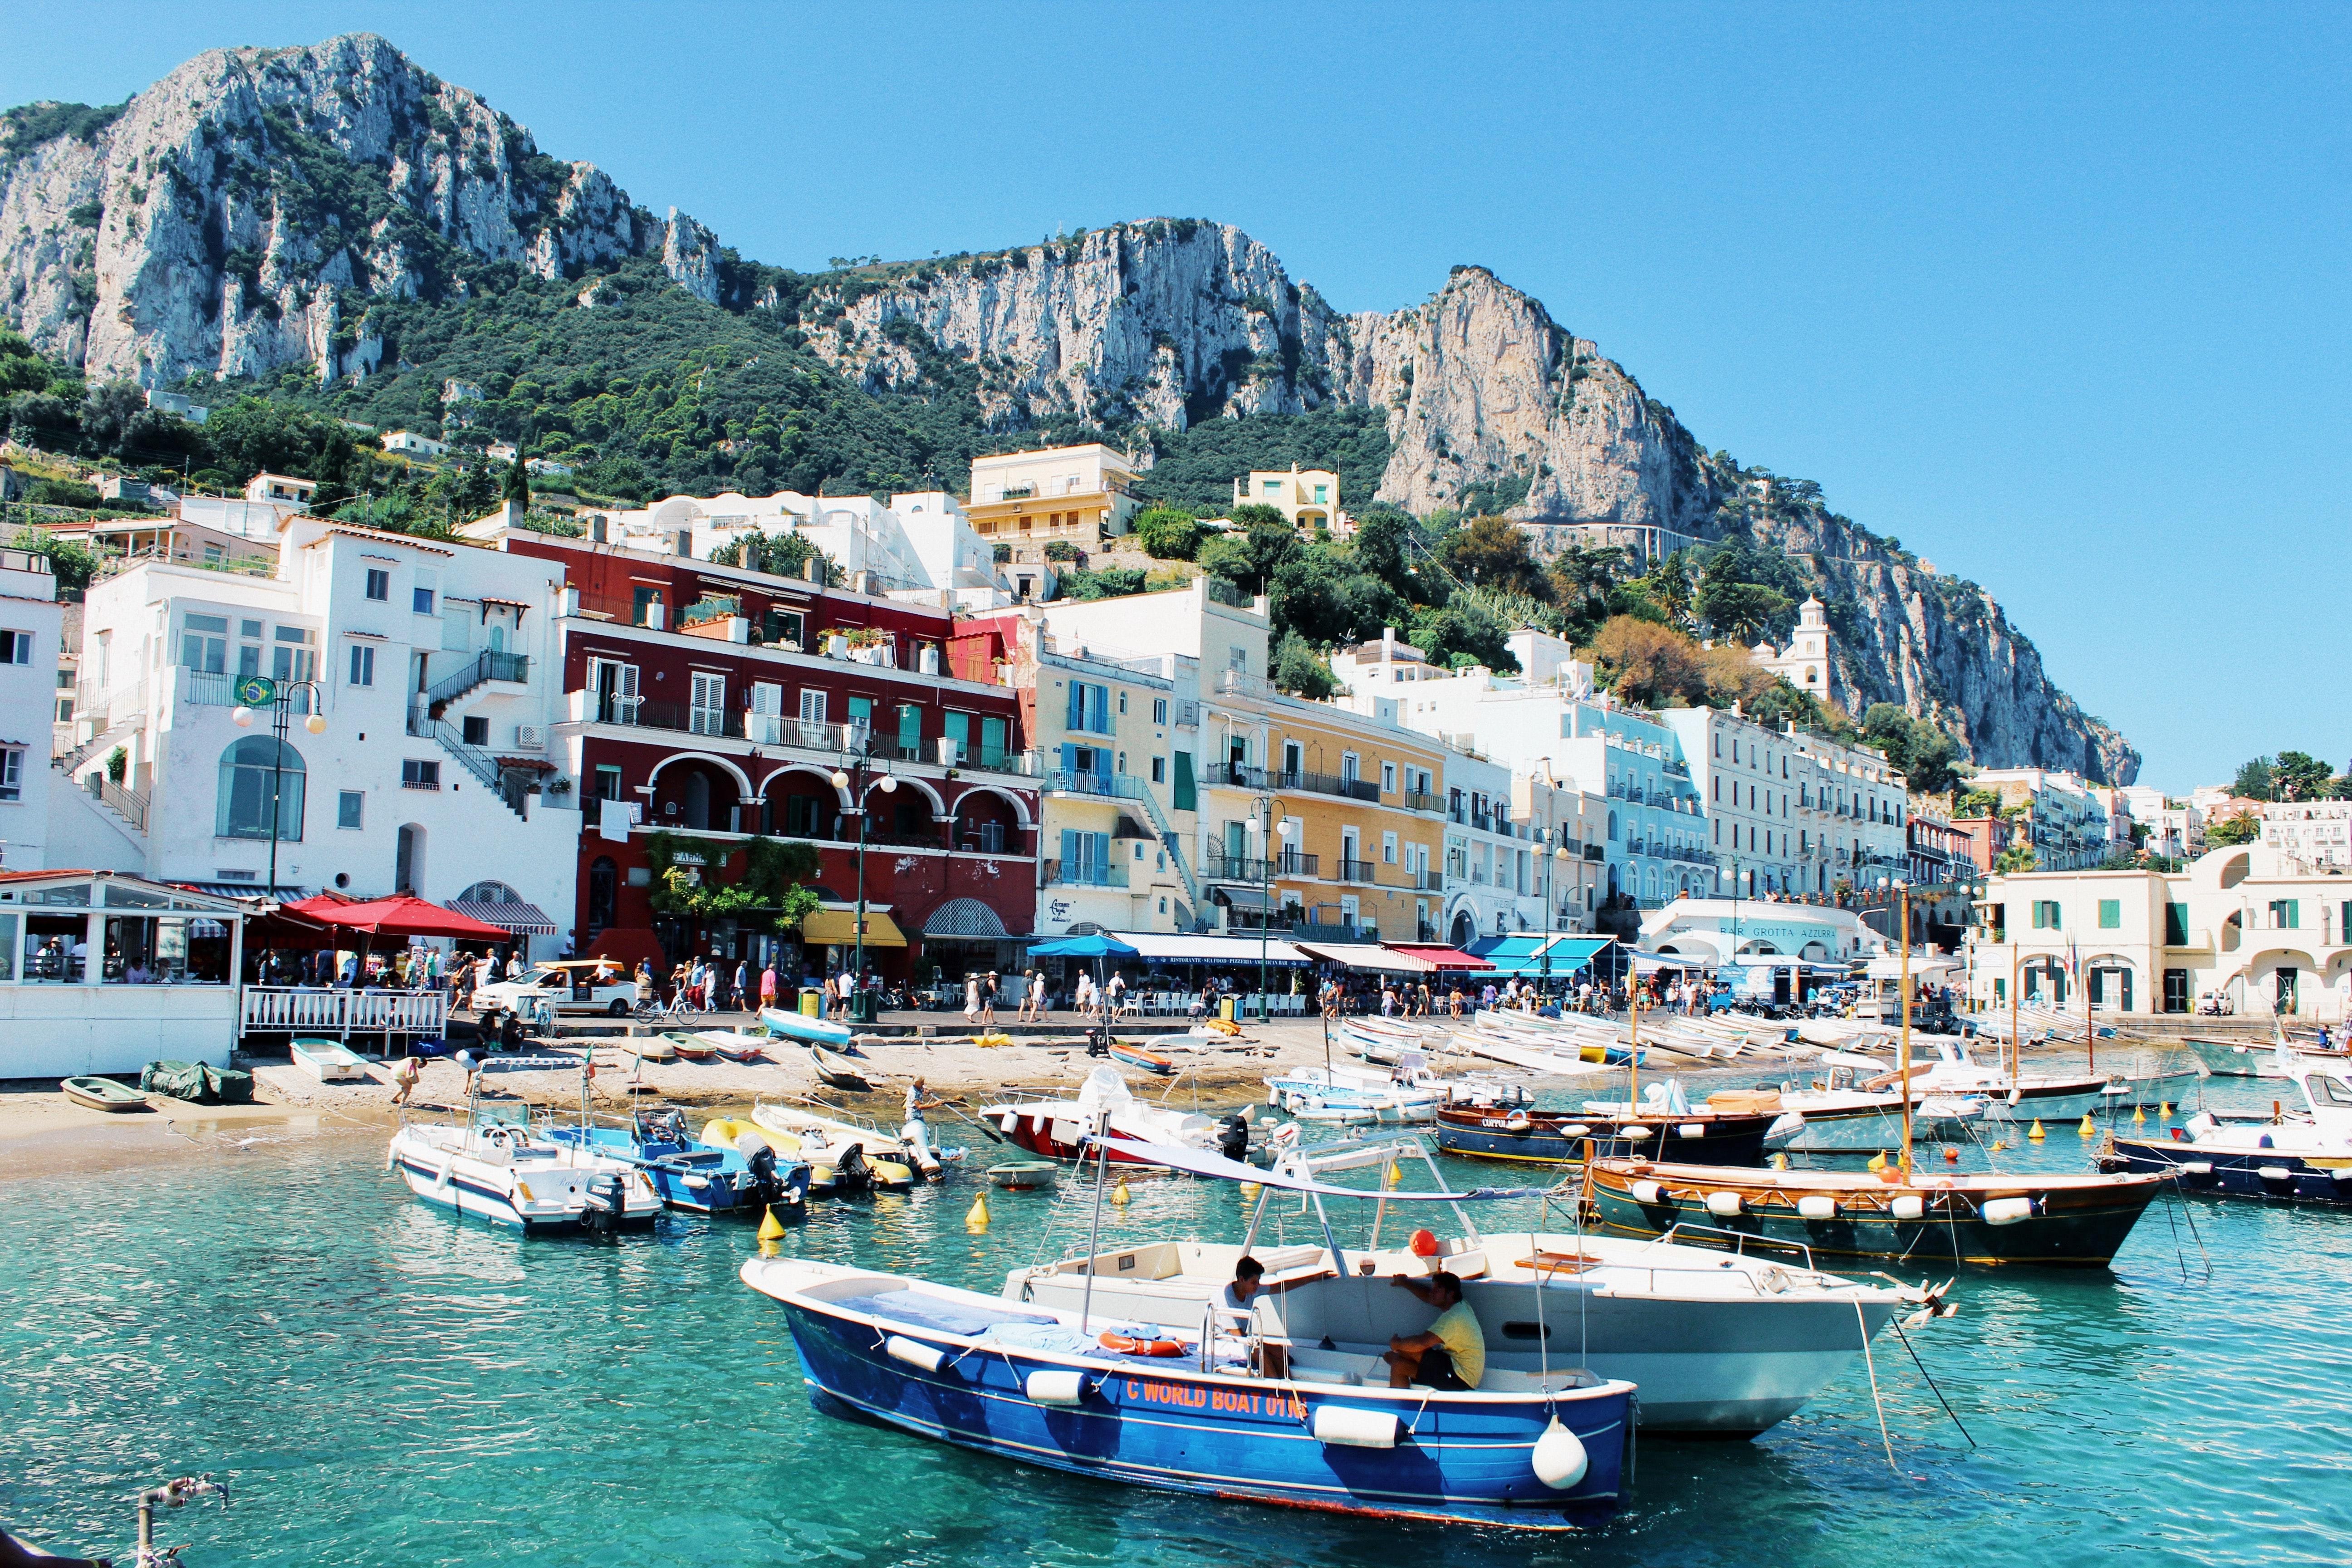 Capri Italy photo